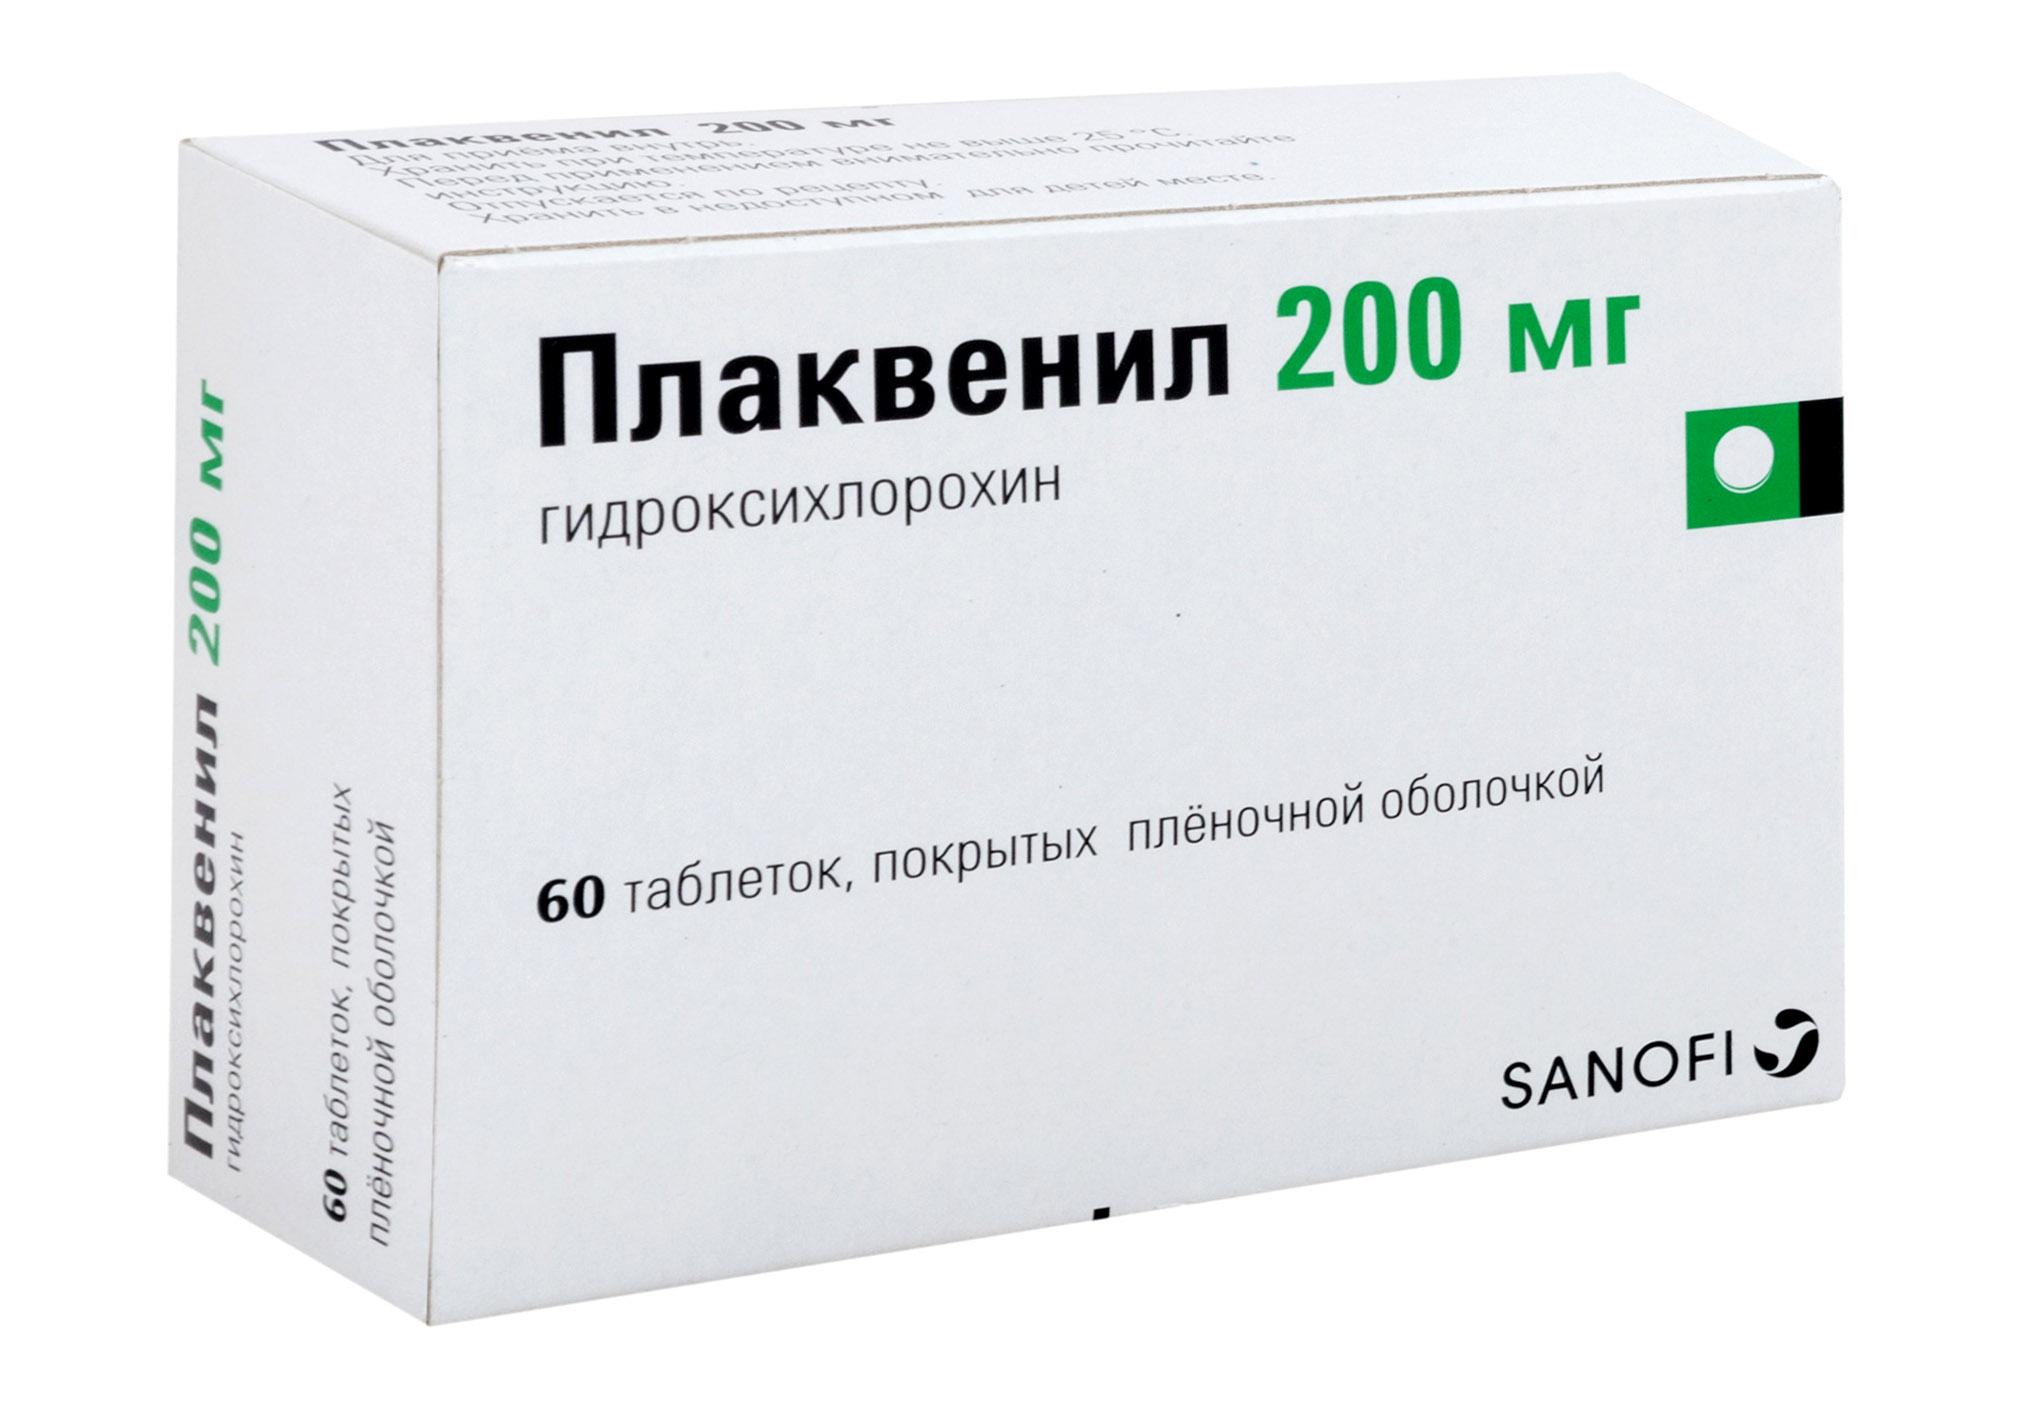 Специалисты считают: утверждать, что сочетание гидроксихлорохина иазитромицина вылечивает COVID-19, преждевременно